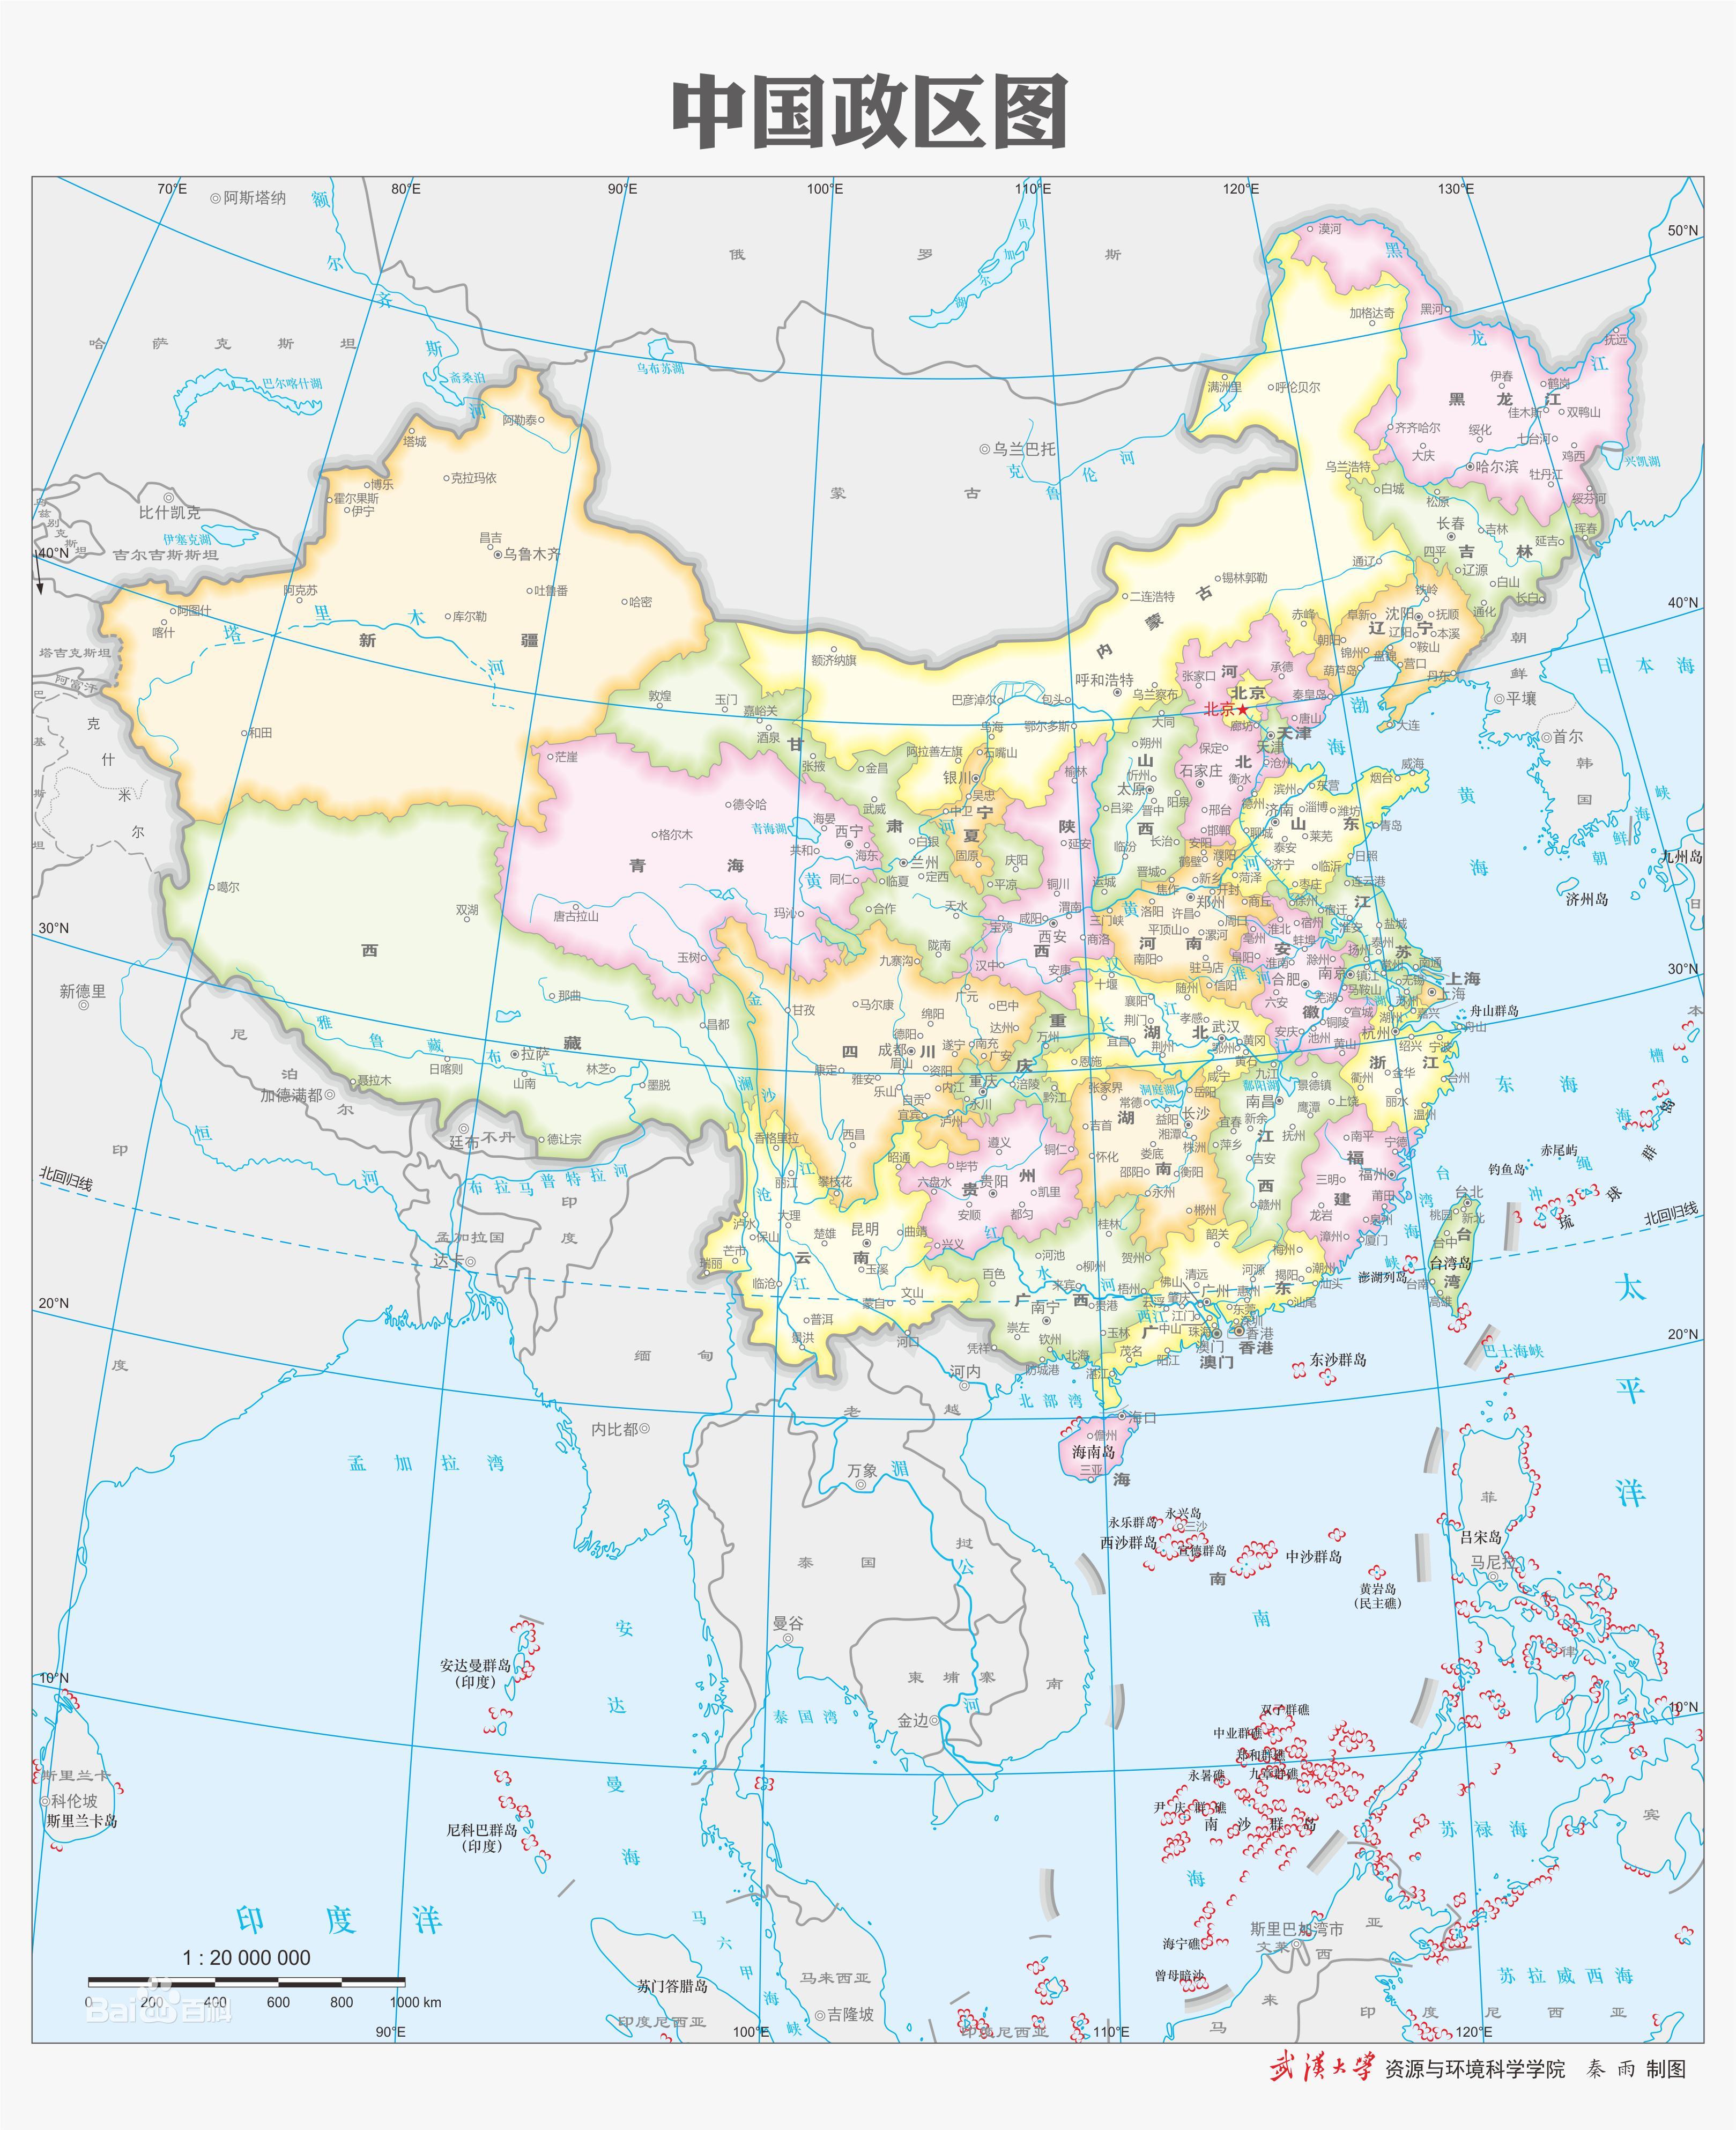 中国地图(地图) - 搜狗百科